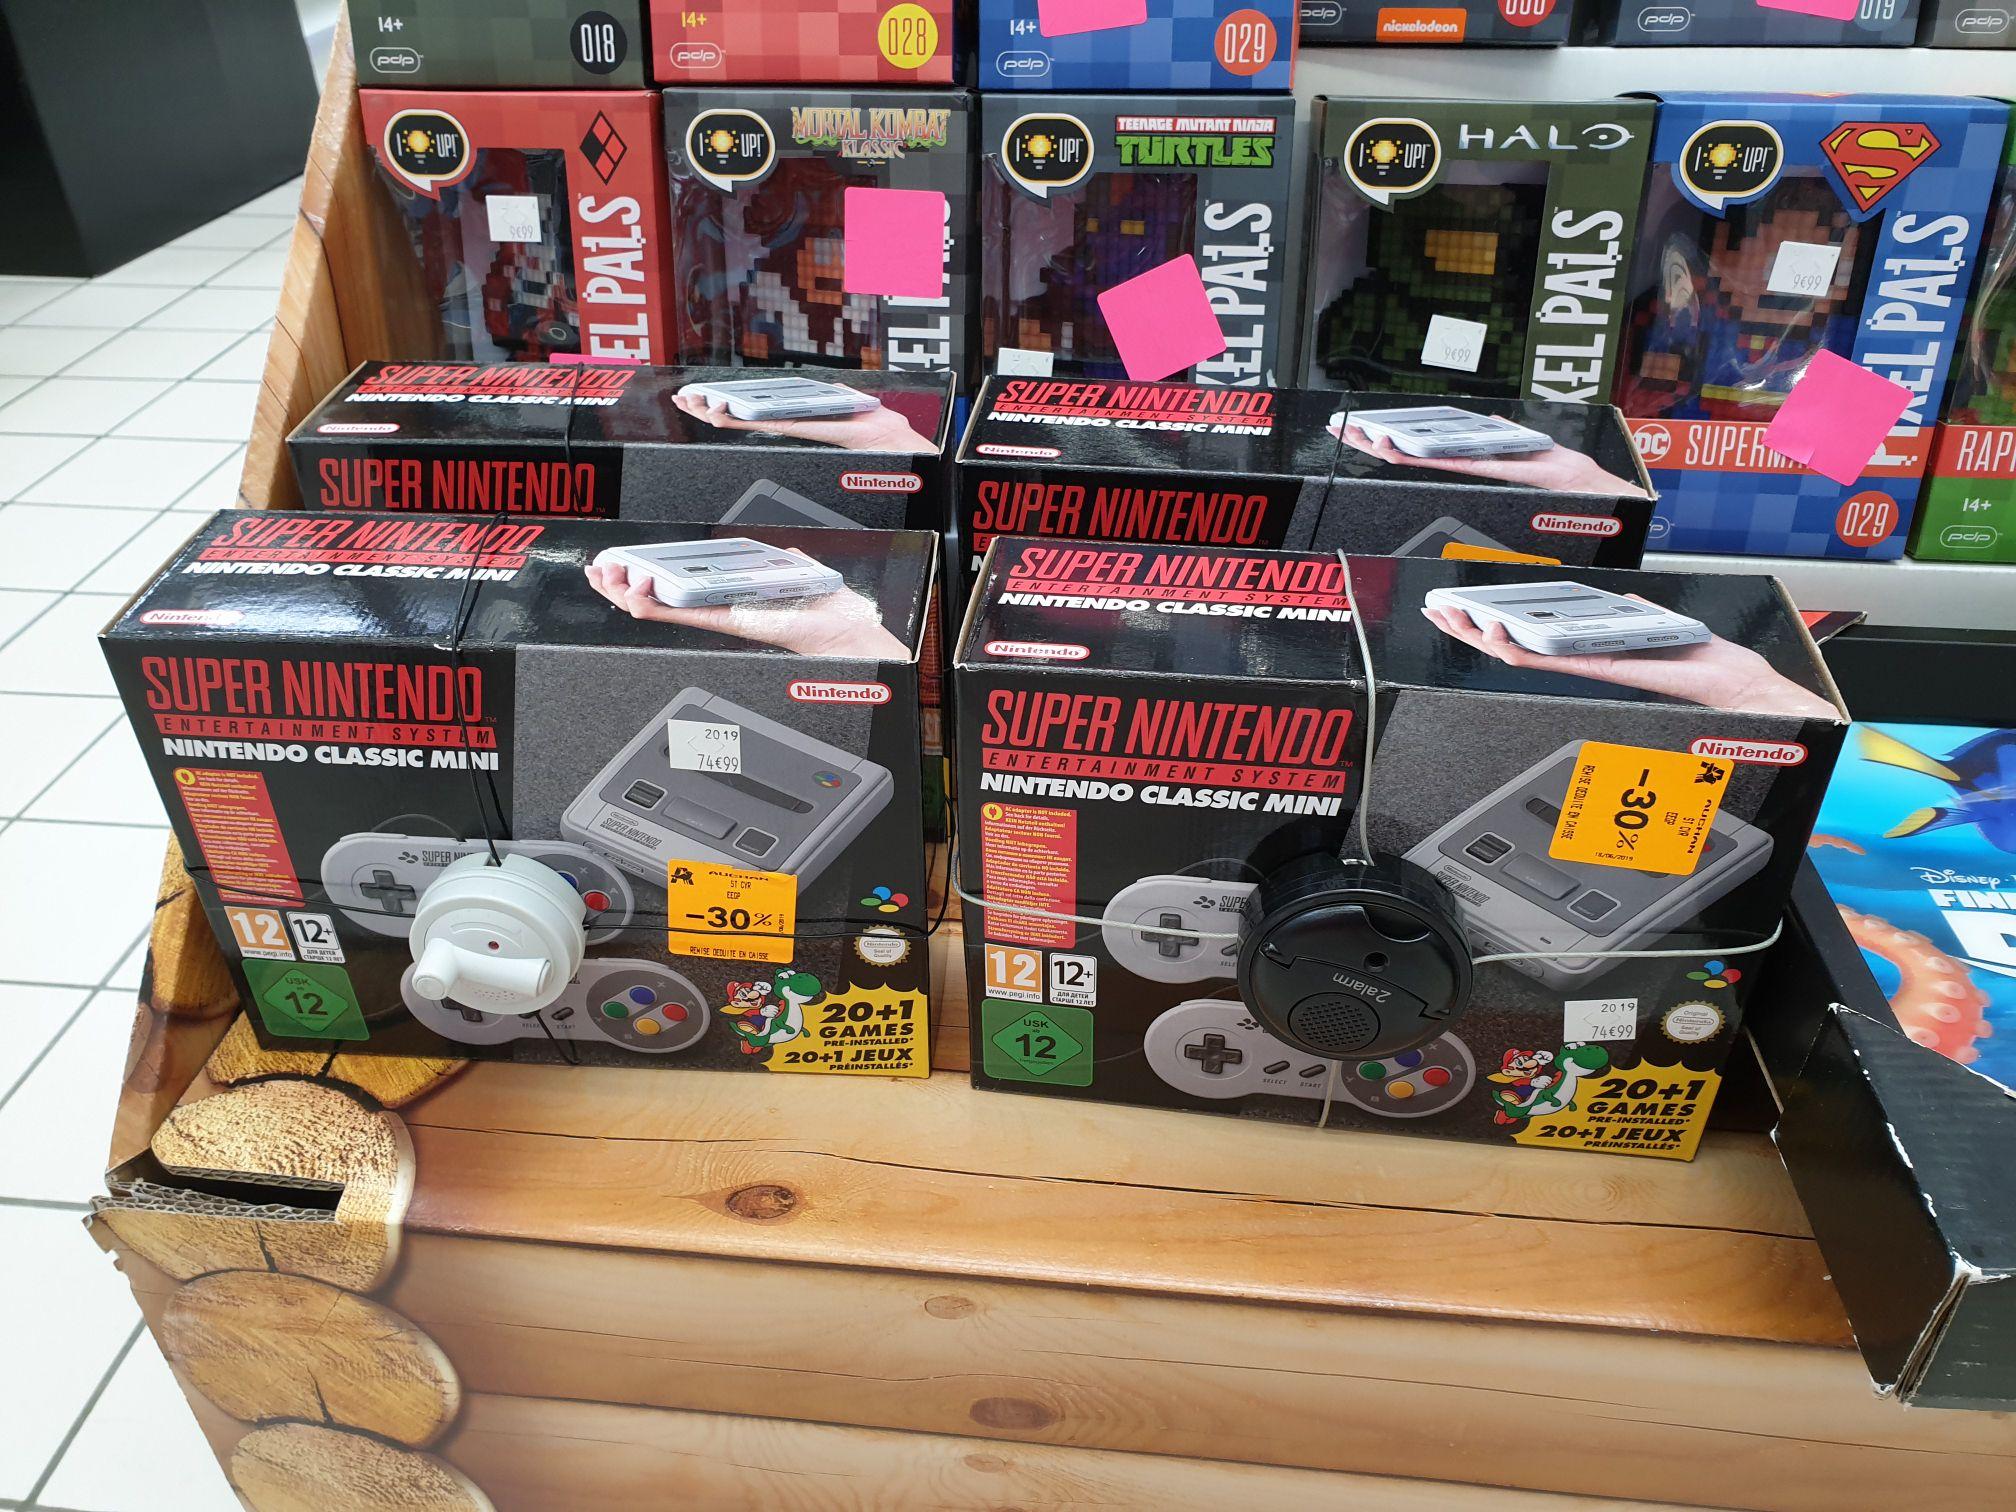 Console de jeu Super Nintendo Classic Mini - Auchan Saint-Cyr-sur-Loire (37)